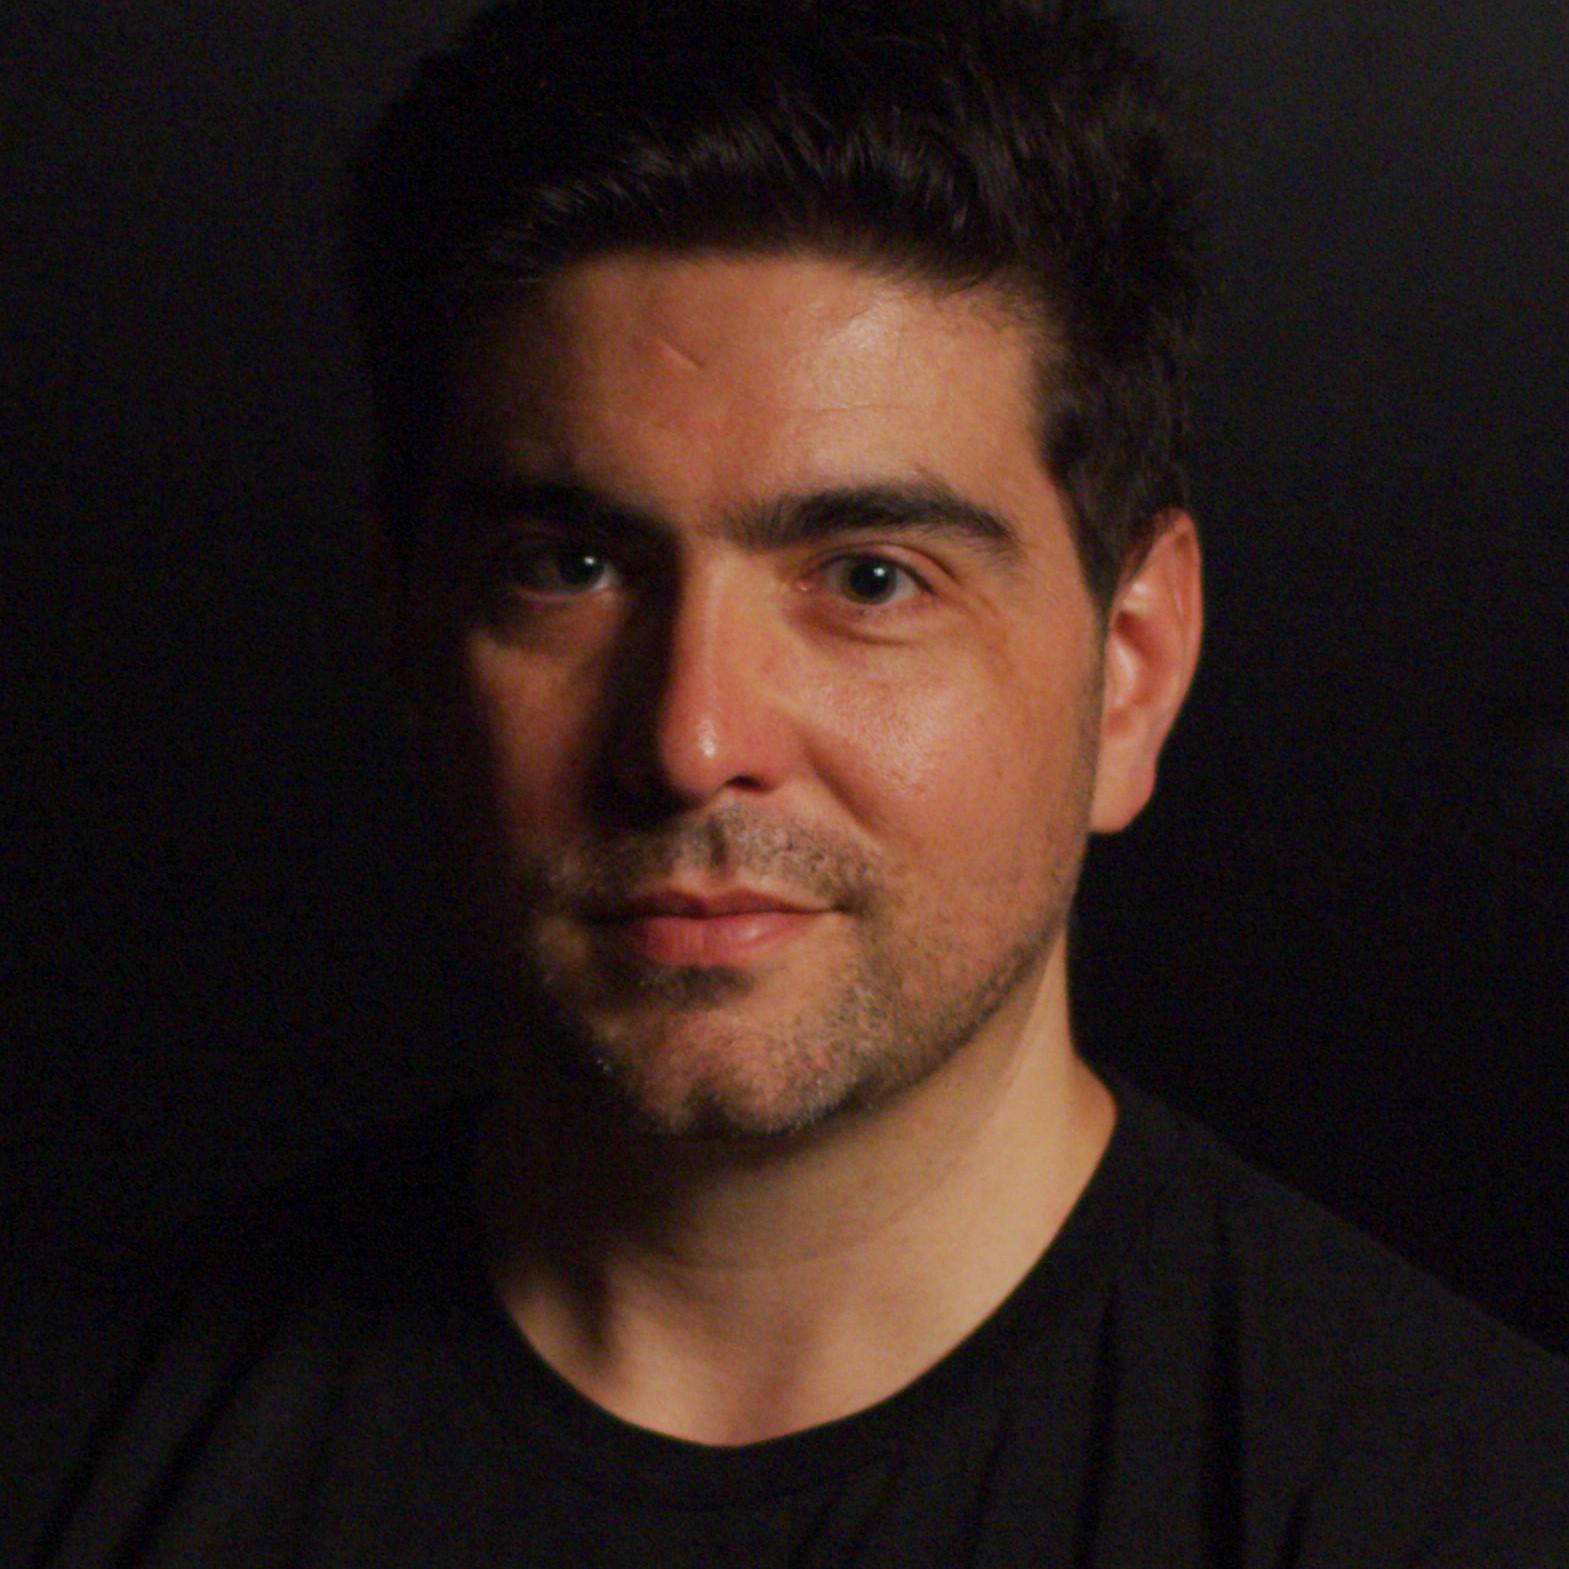 Areito Echevarria profile picture photograph